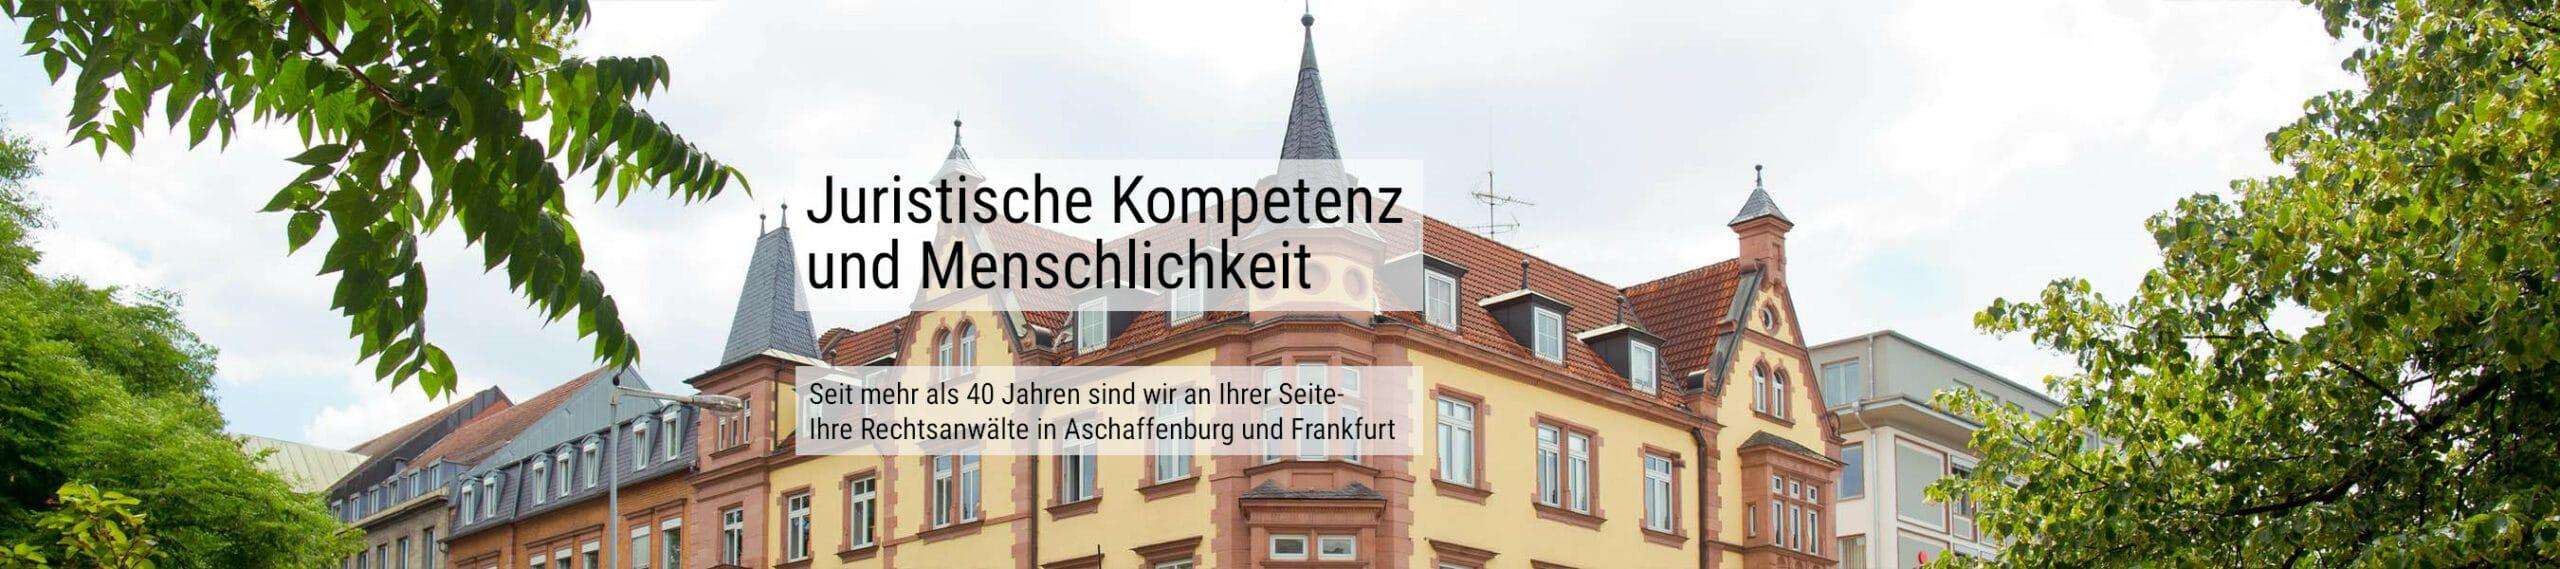 rechtsanwalt-aschaffenburg